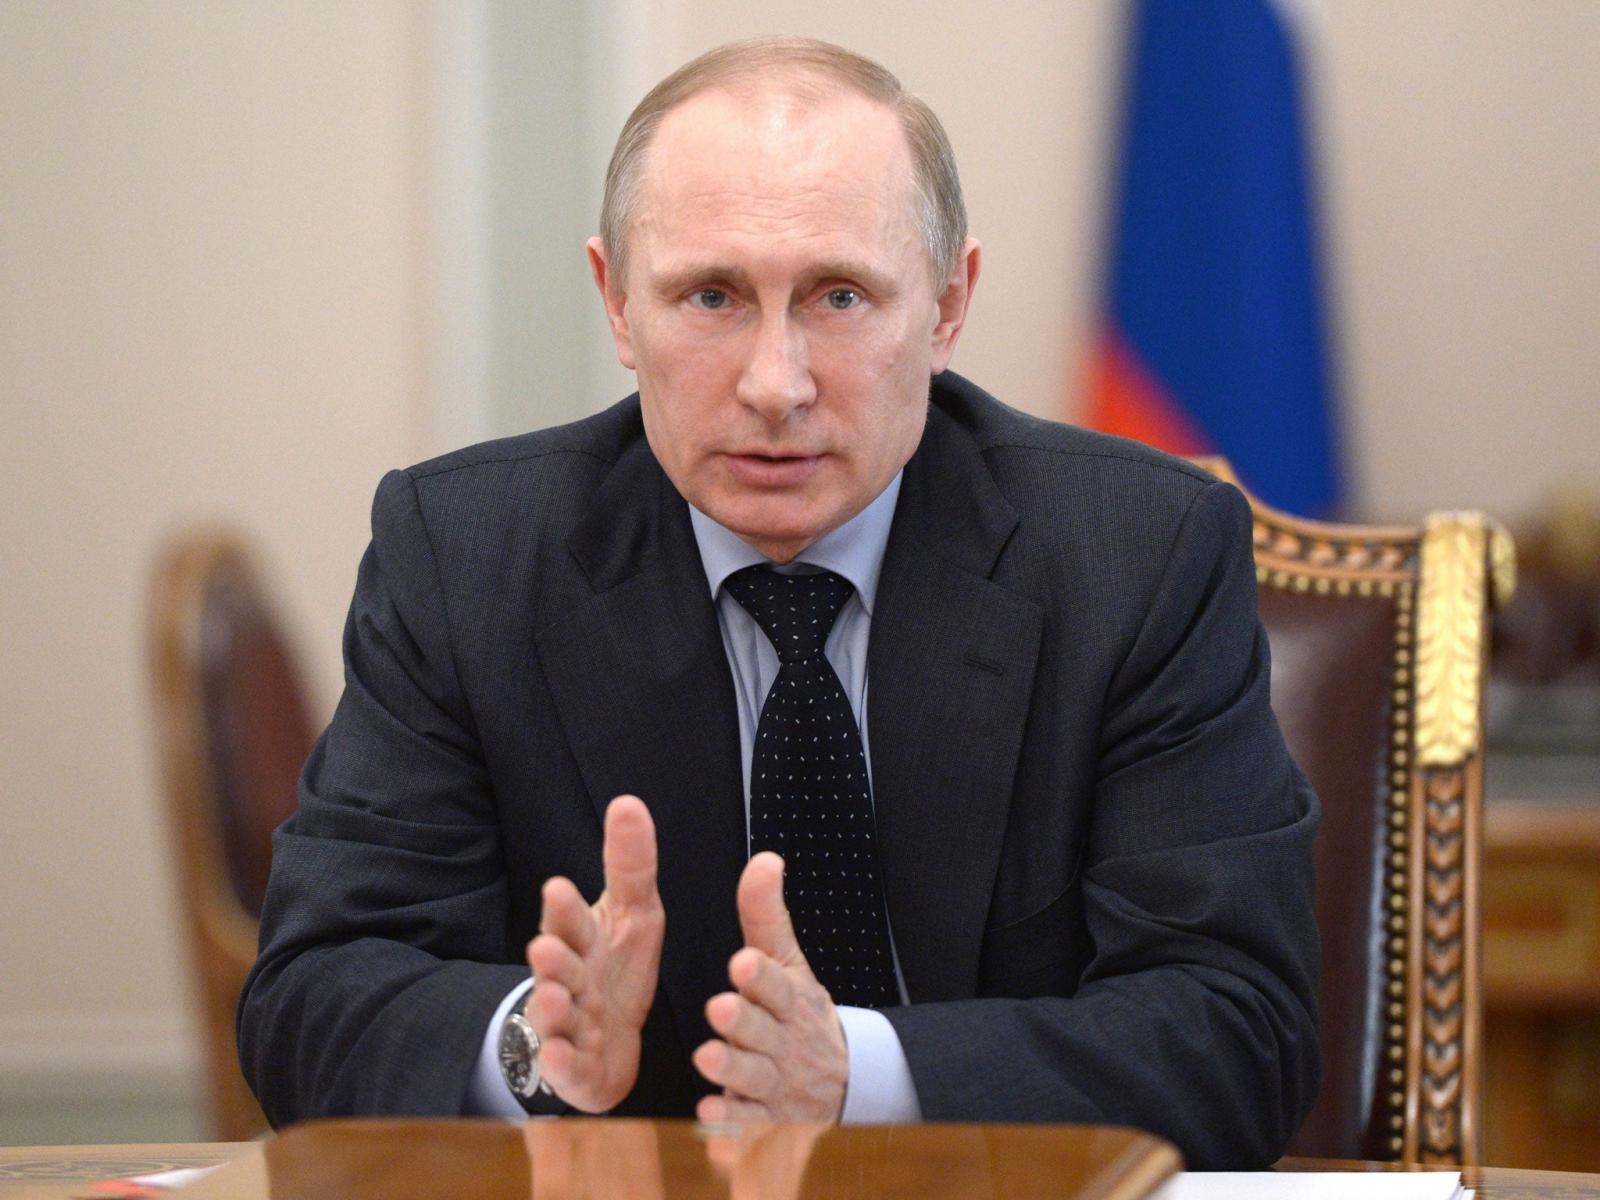 Владимир Путин 6 мая проведет совещание по выходу из режима ограничений